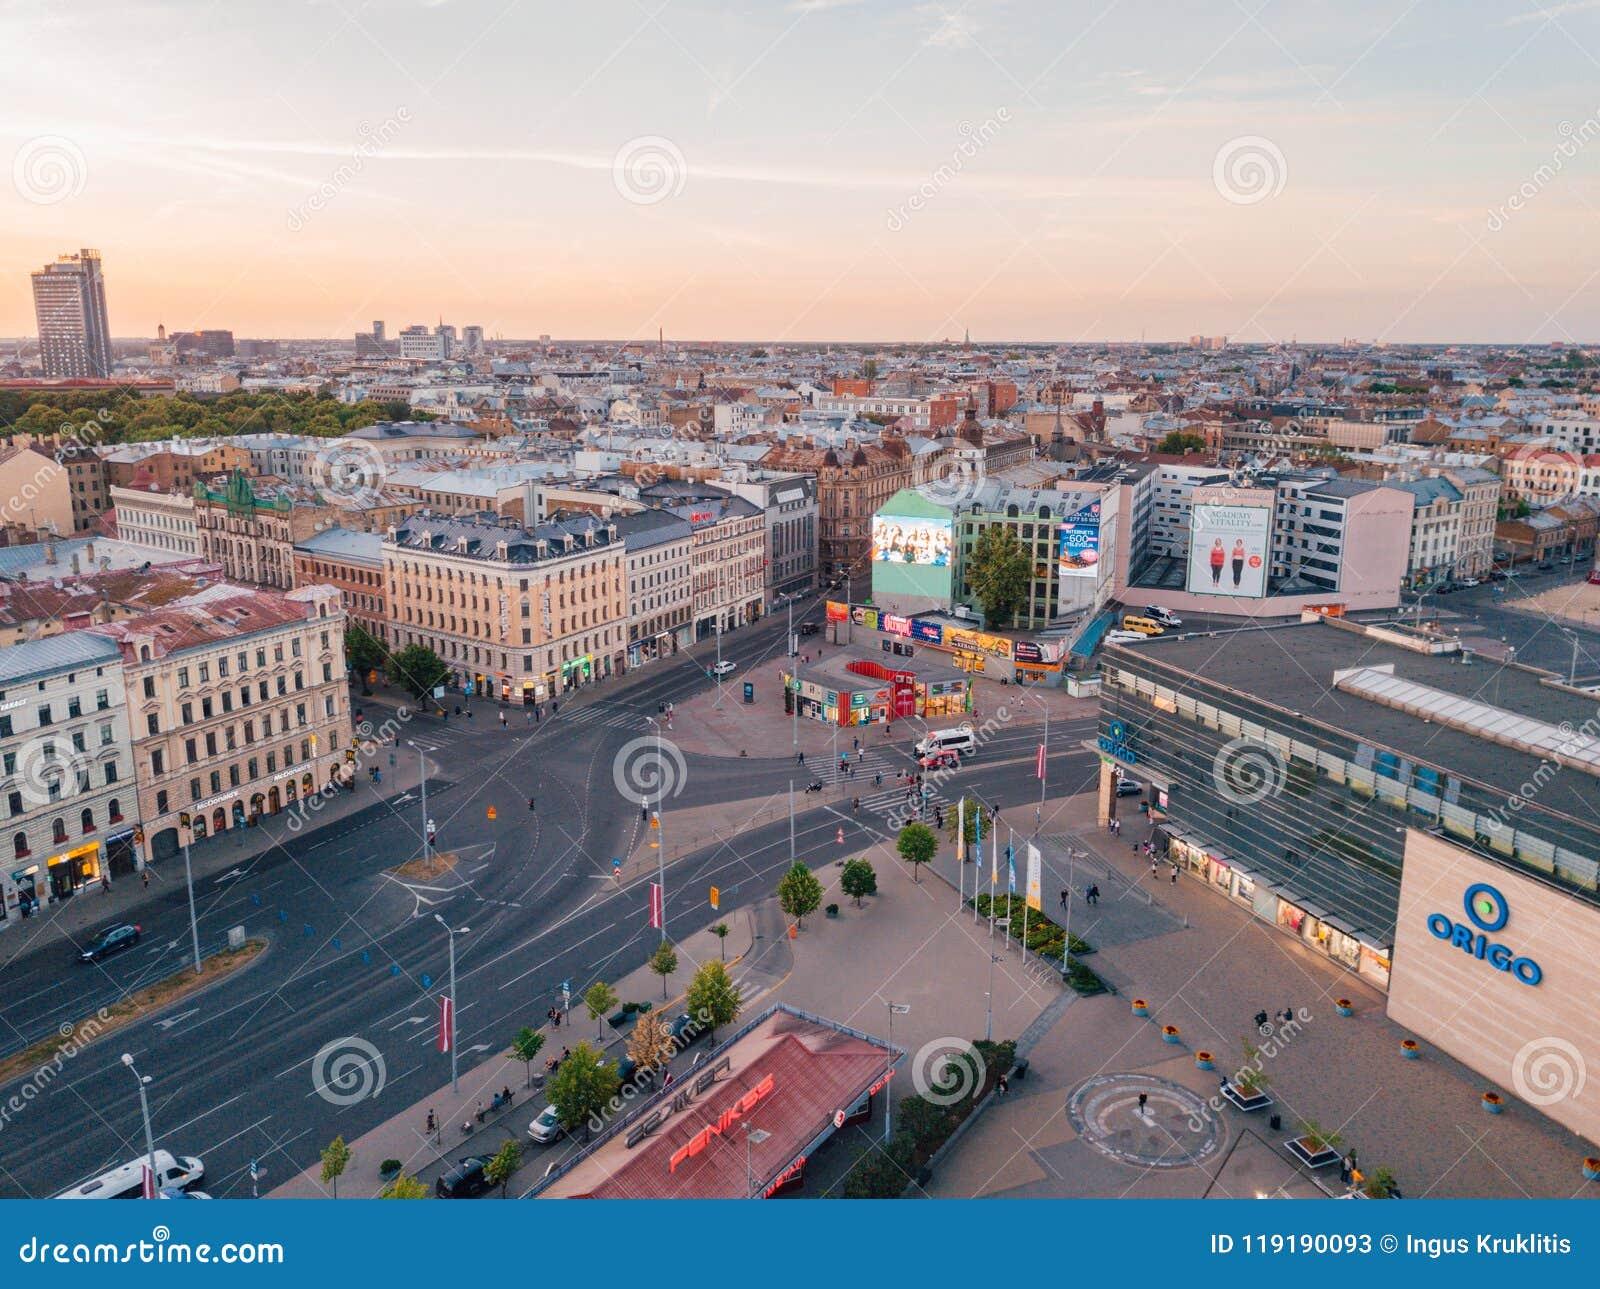 Красивый вид с воздуха городка Риги сверху во время захода солнца с башней с часами, старыми улицами города и городка